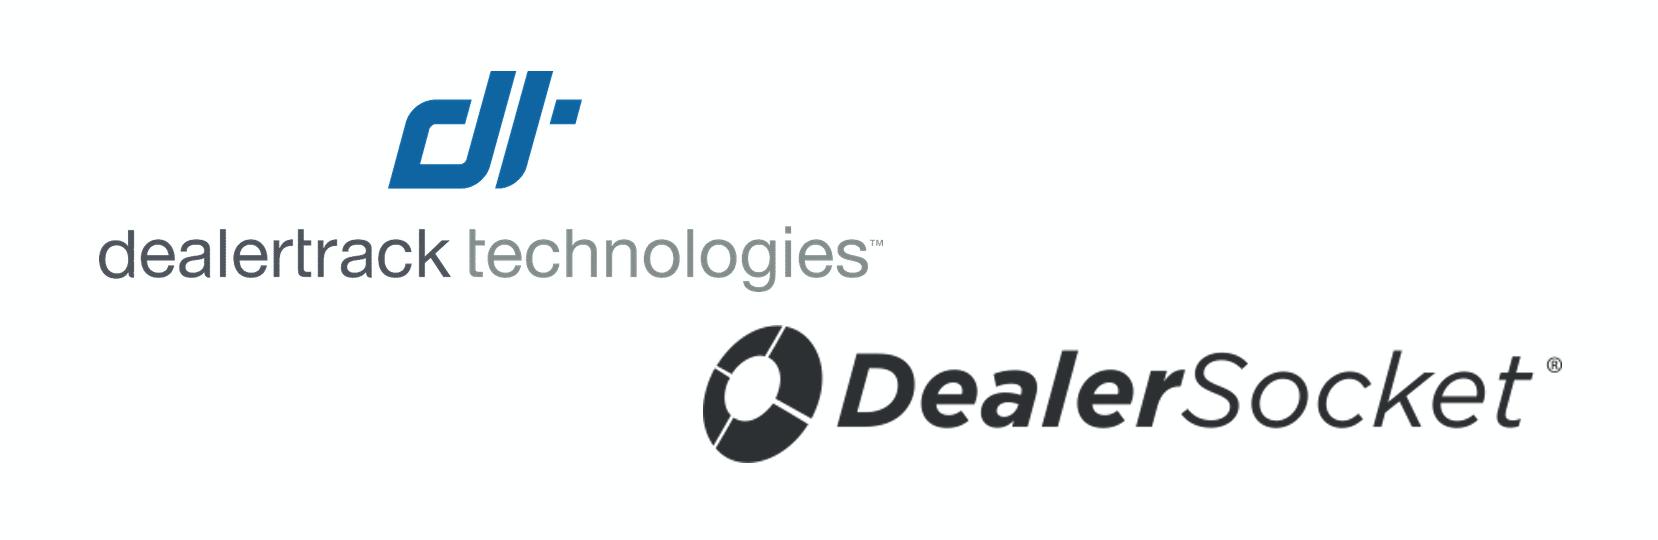 dealersocket dealertrack deal